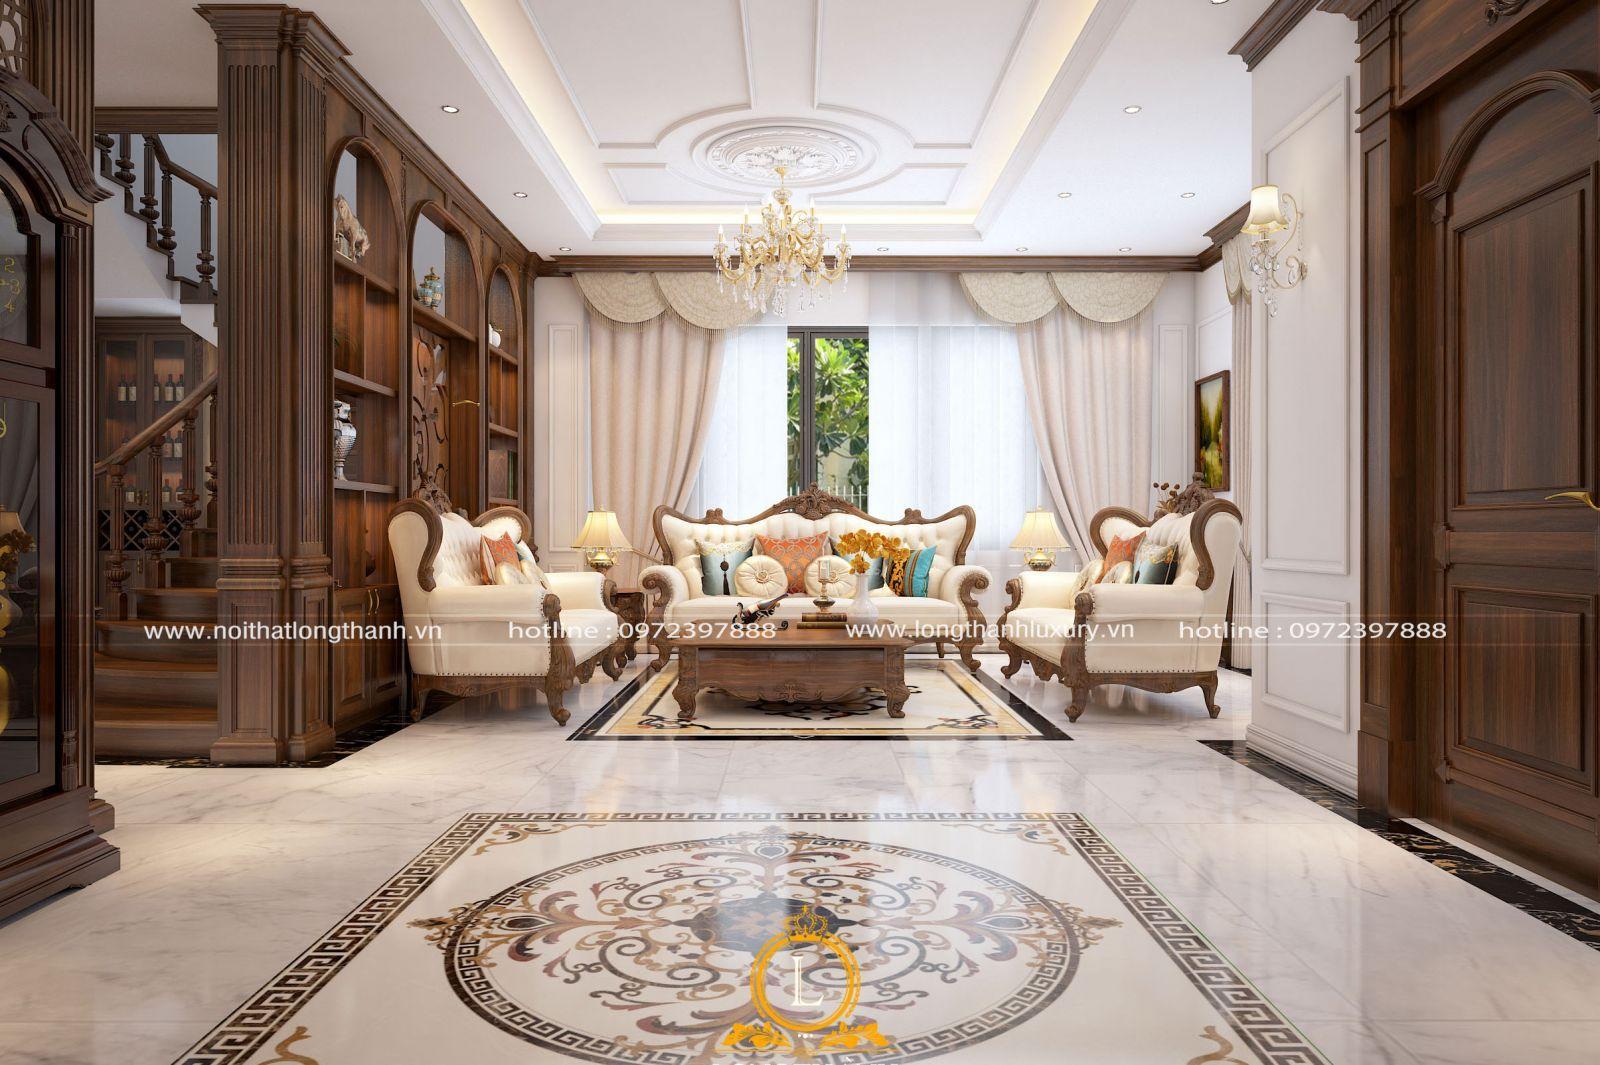 Trần thạch cao ghi dấu ấn ở sự đơn giản trong phòng khách tân cổ điển